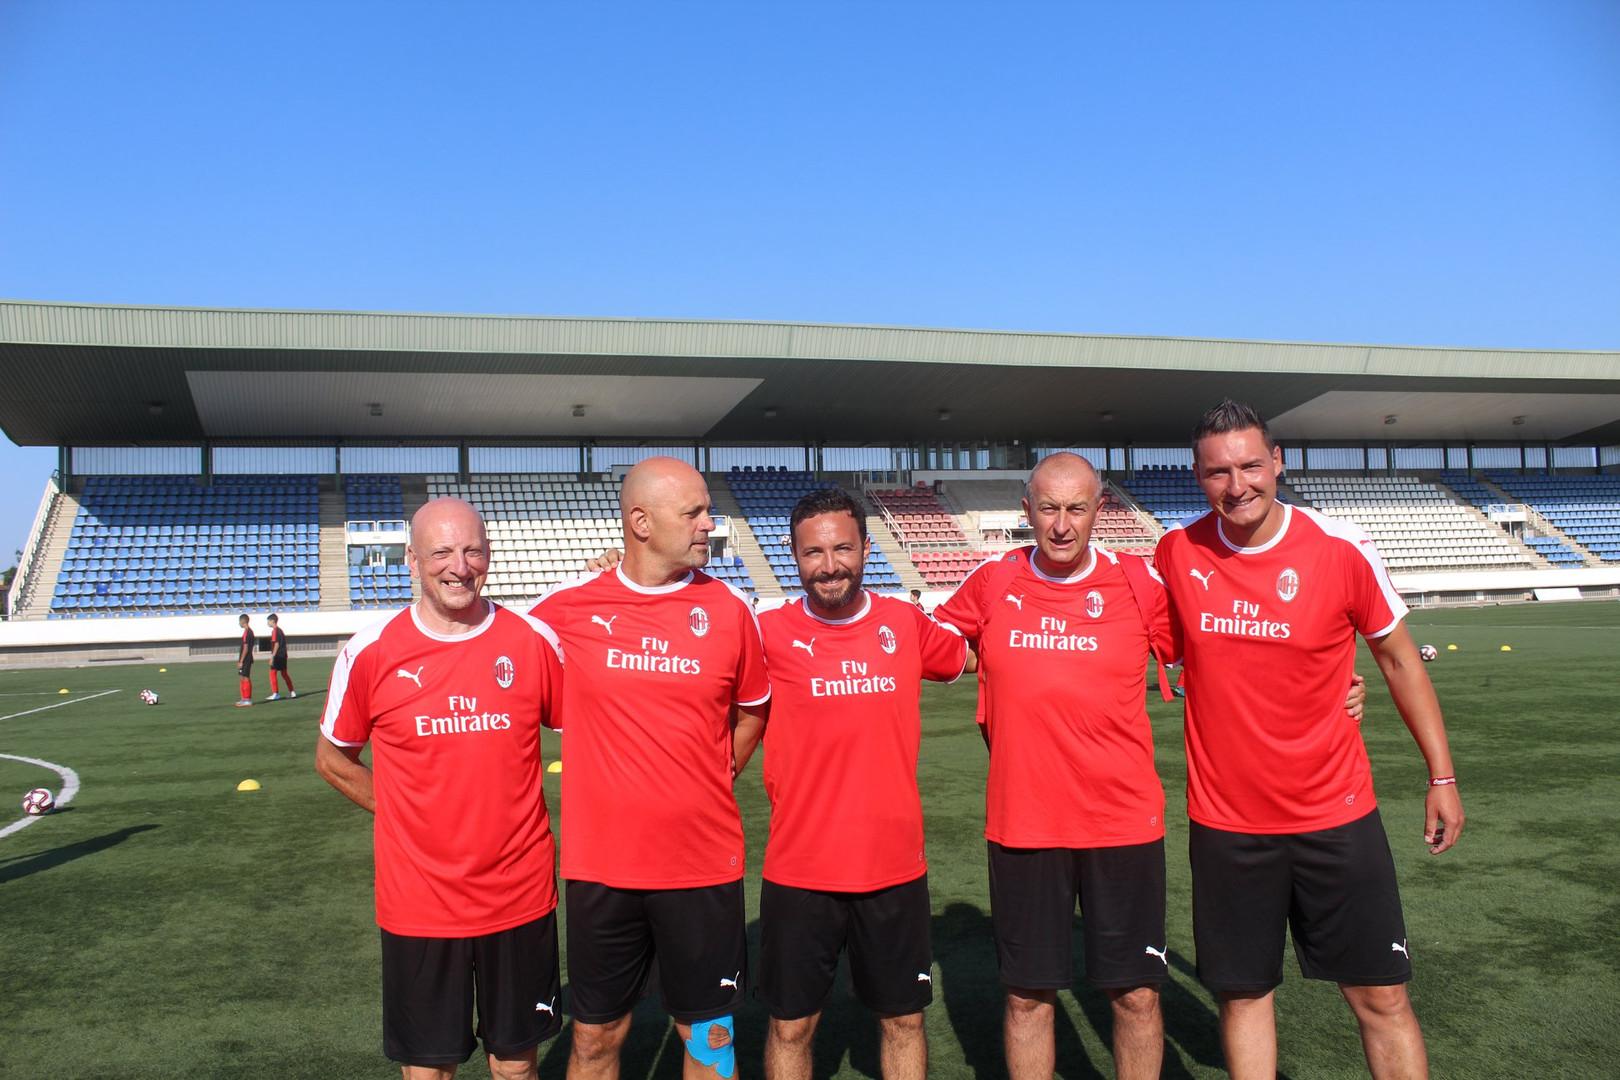 Entraineurs Milan AC